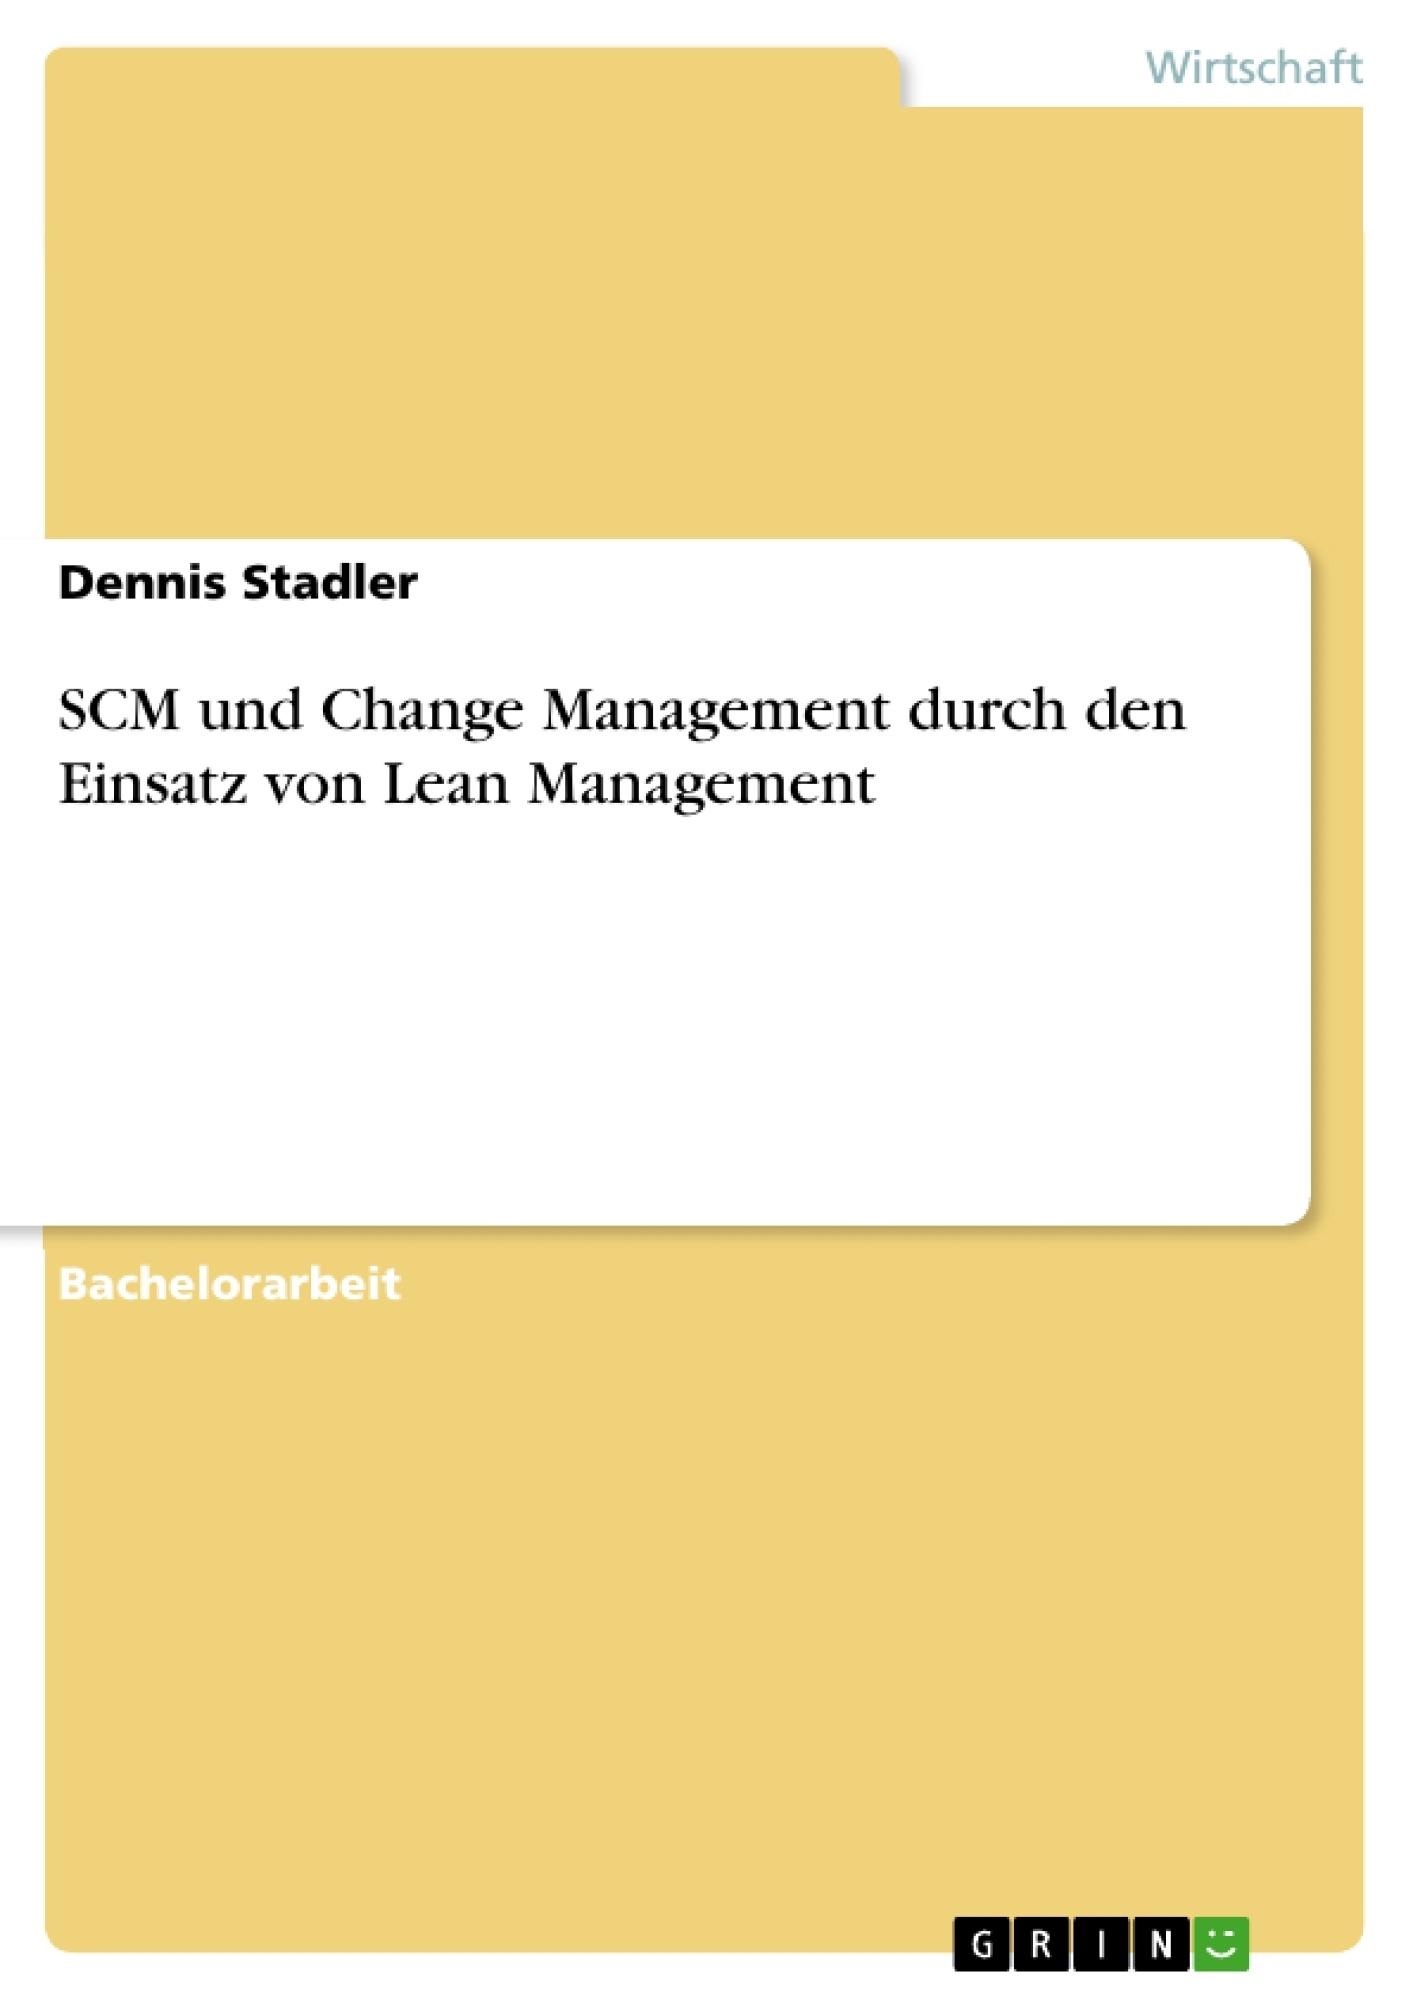 Titel: SCM und Change Management durch den Einsatz von Lean Management